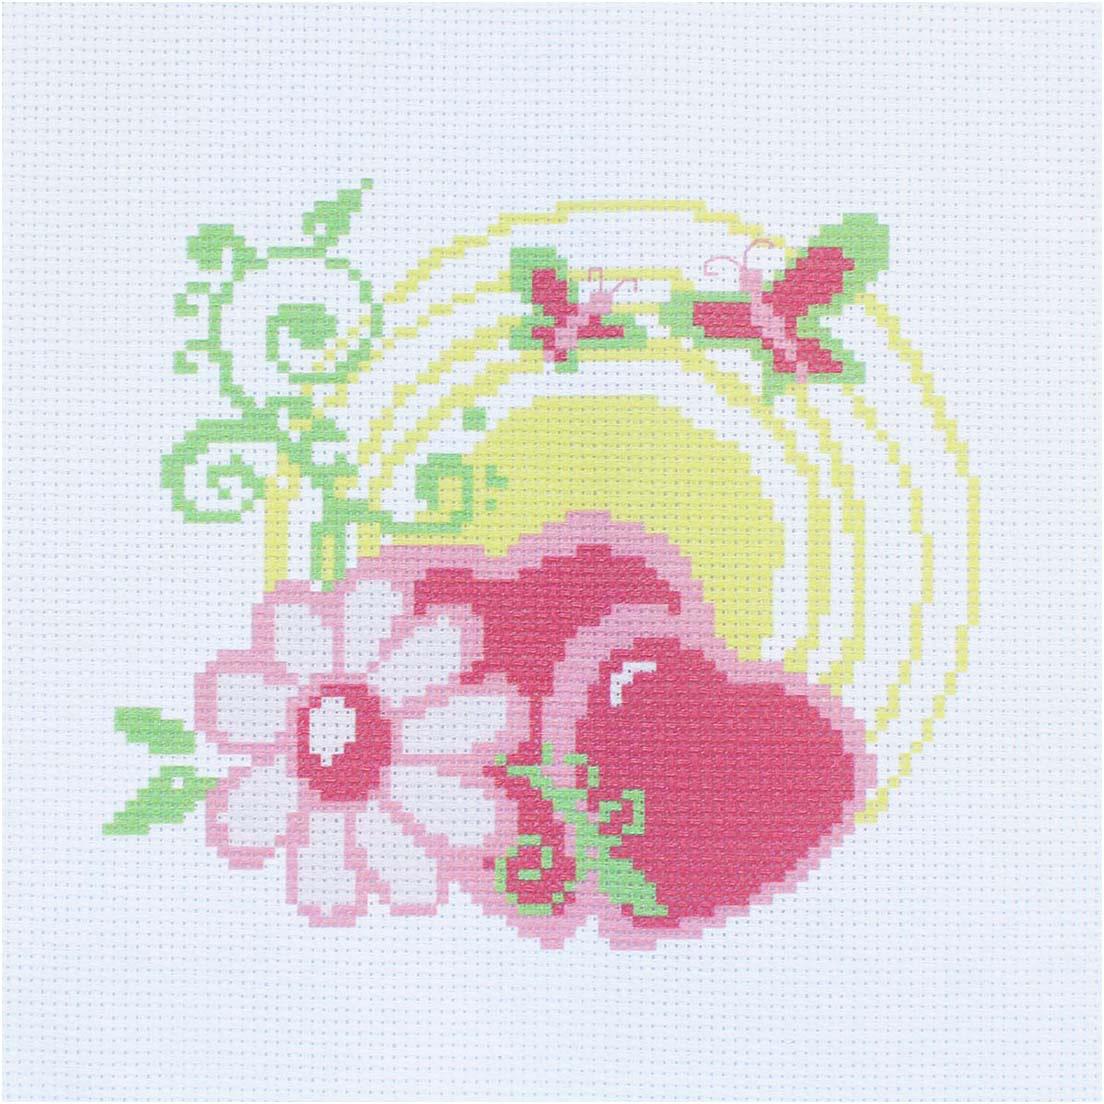 Набор для вышивания крестом Hobby&Pro Сердечки, 22 х 22 см набор для вышивания крестом hobby